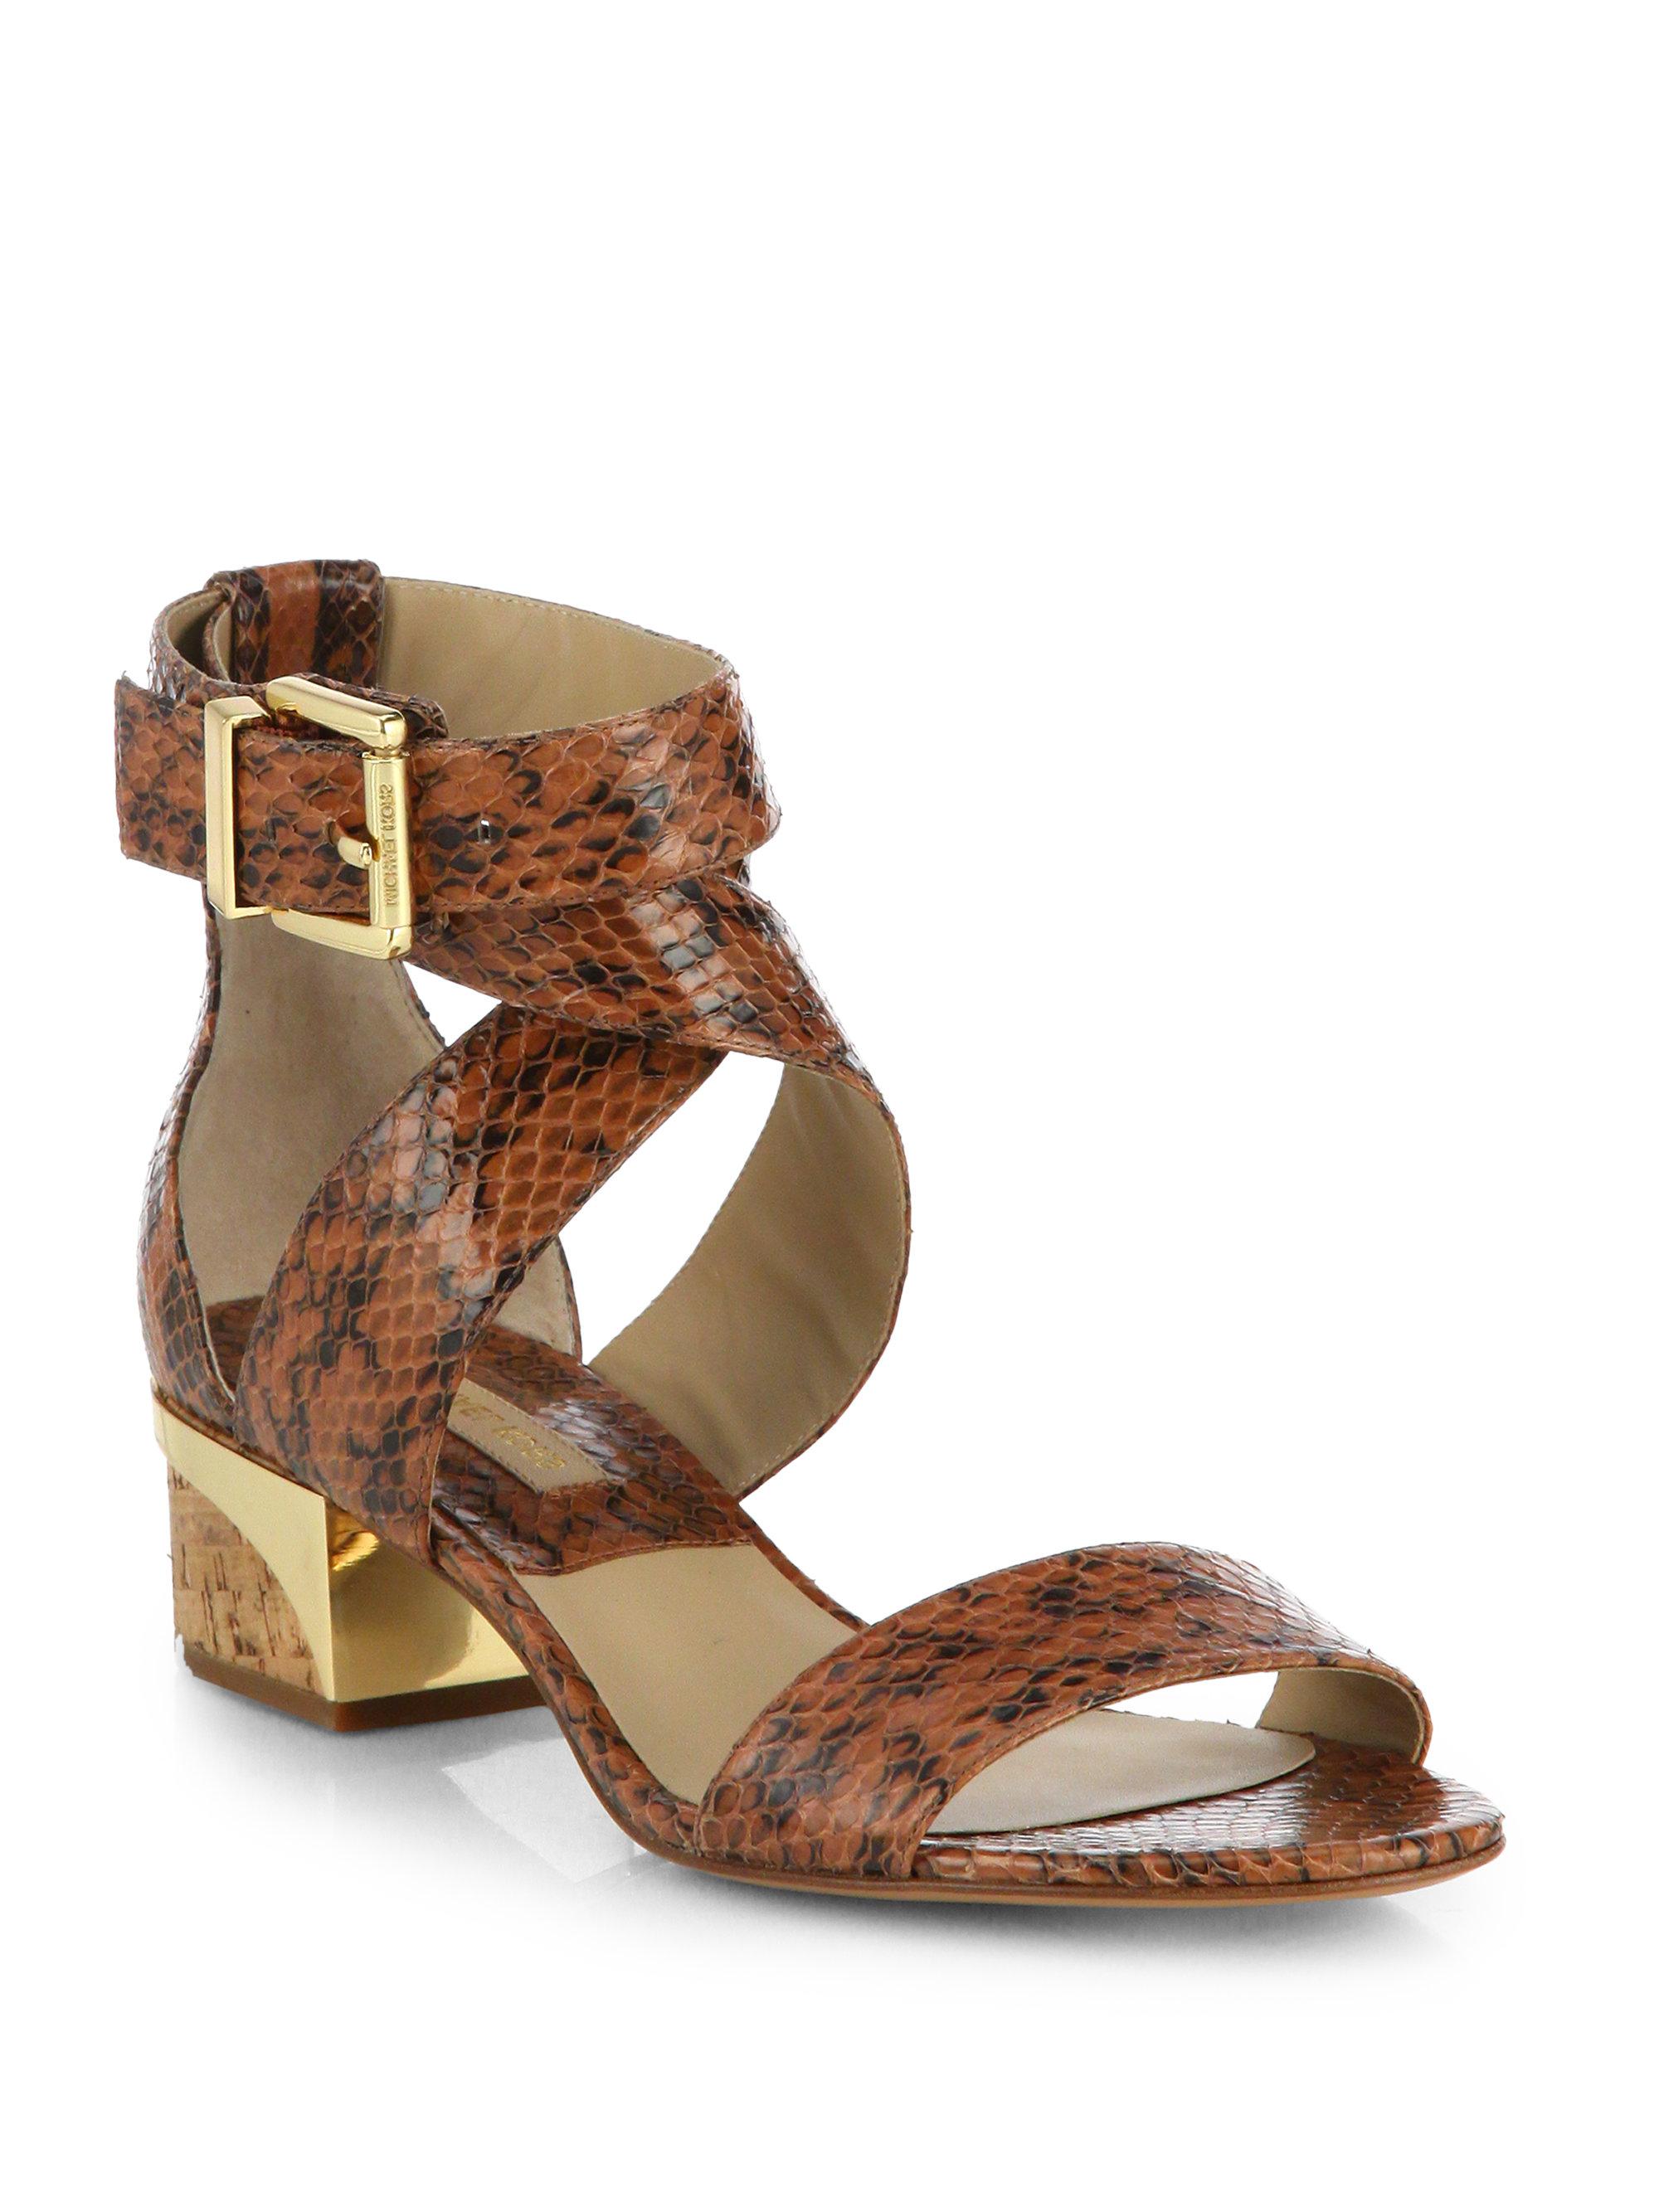 Michael Kors Tulia Snakeskin Sandals In Brown Luggage Lyst